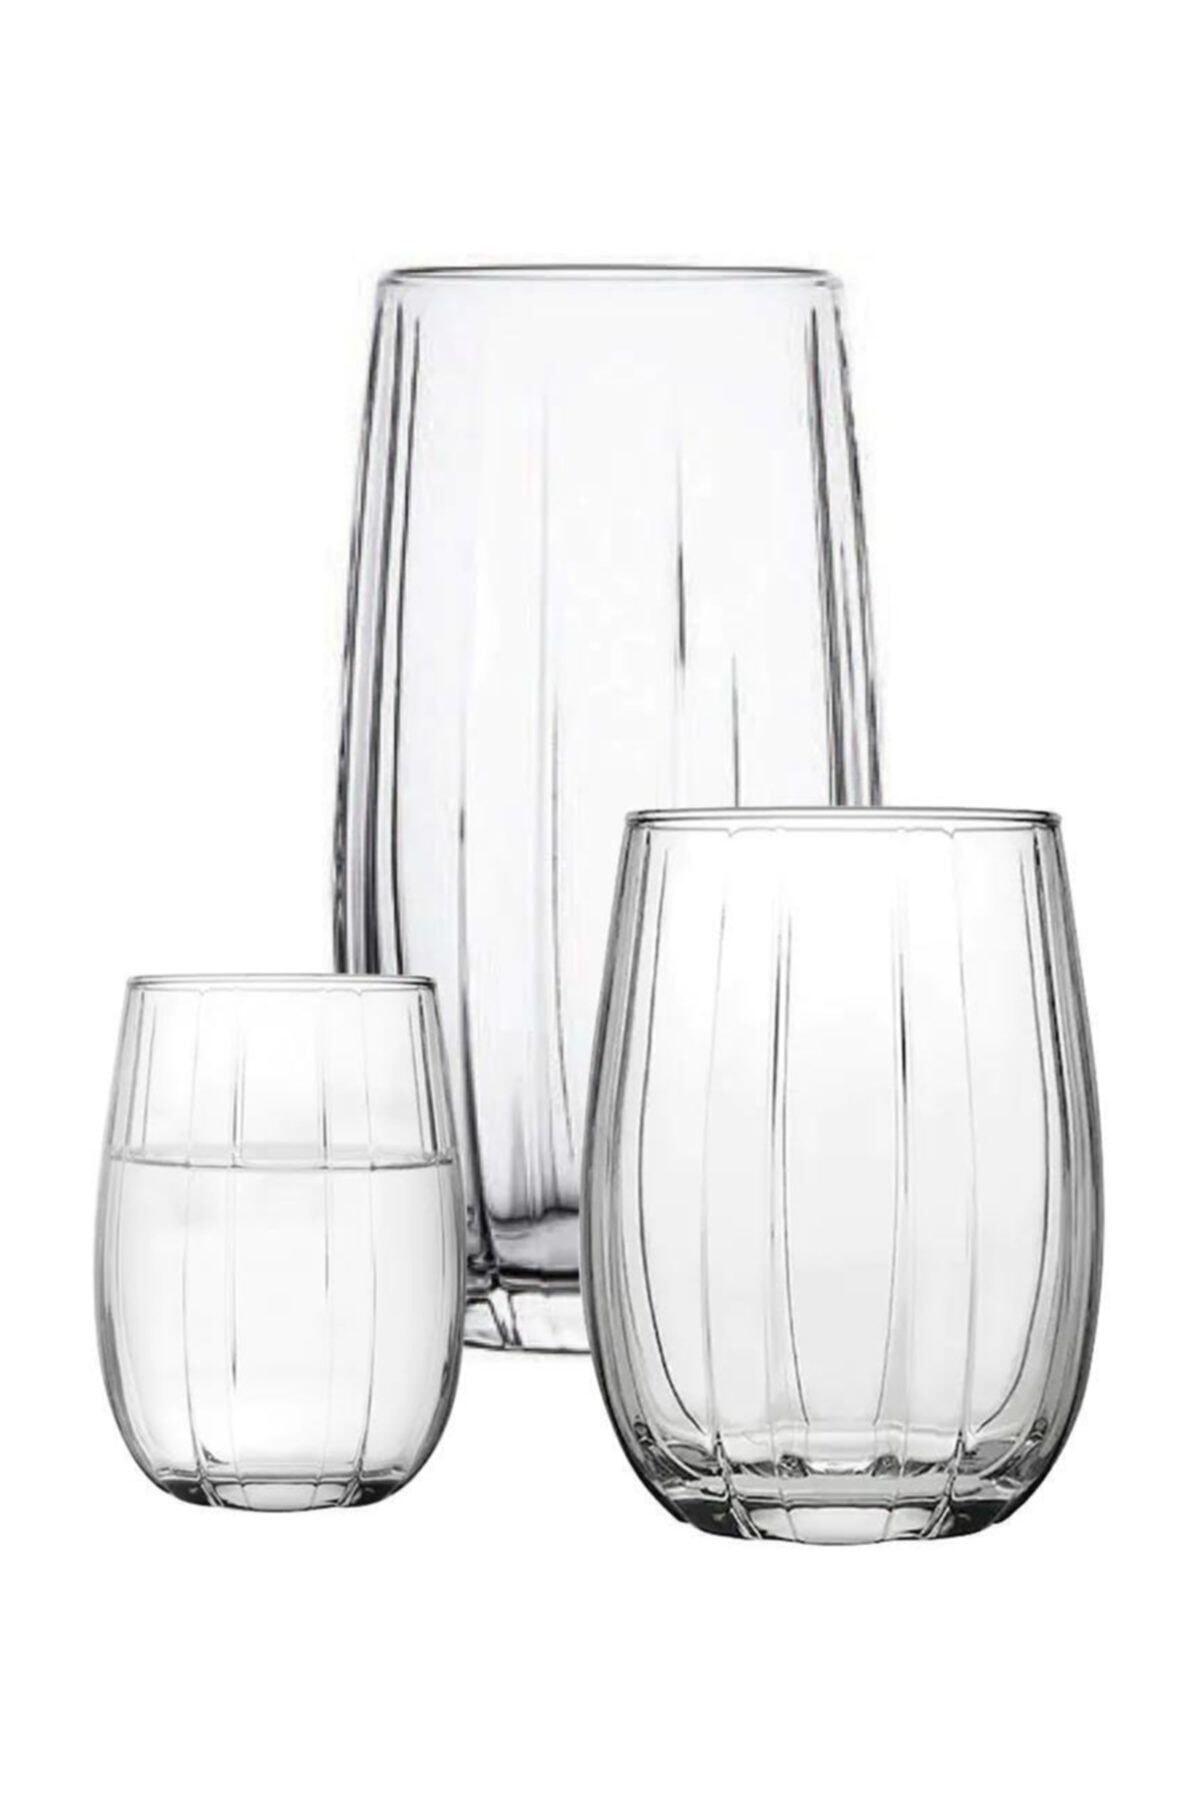 Paşabahçe Linka 18 Parça Su Meşrubat Kahve Yanı Bardağı Takımı Seti Han-krp-420405-420415-420212 1